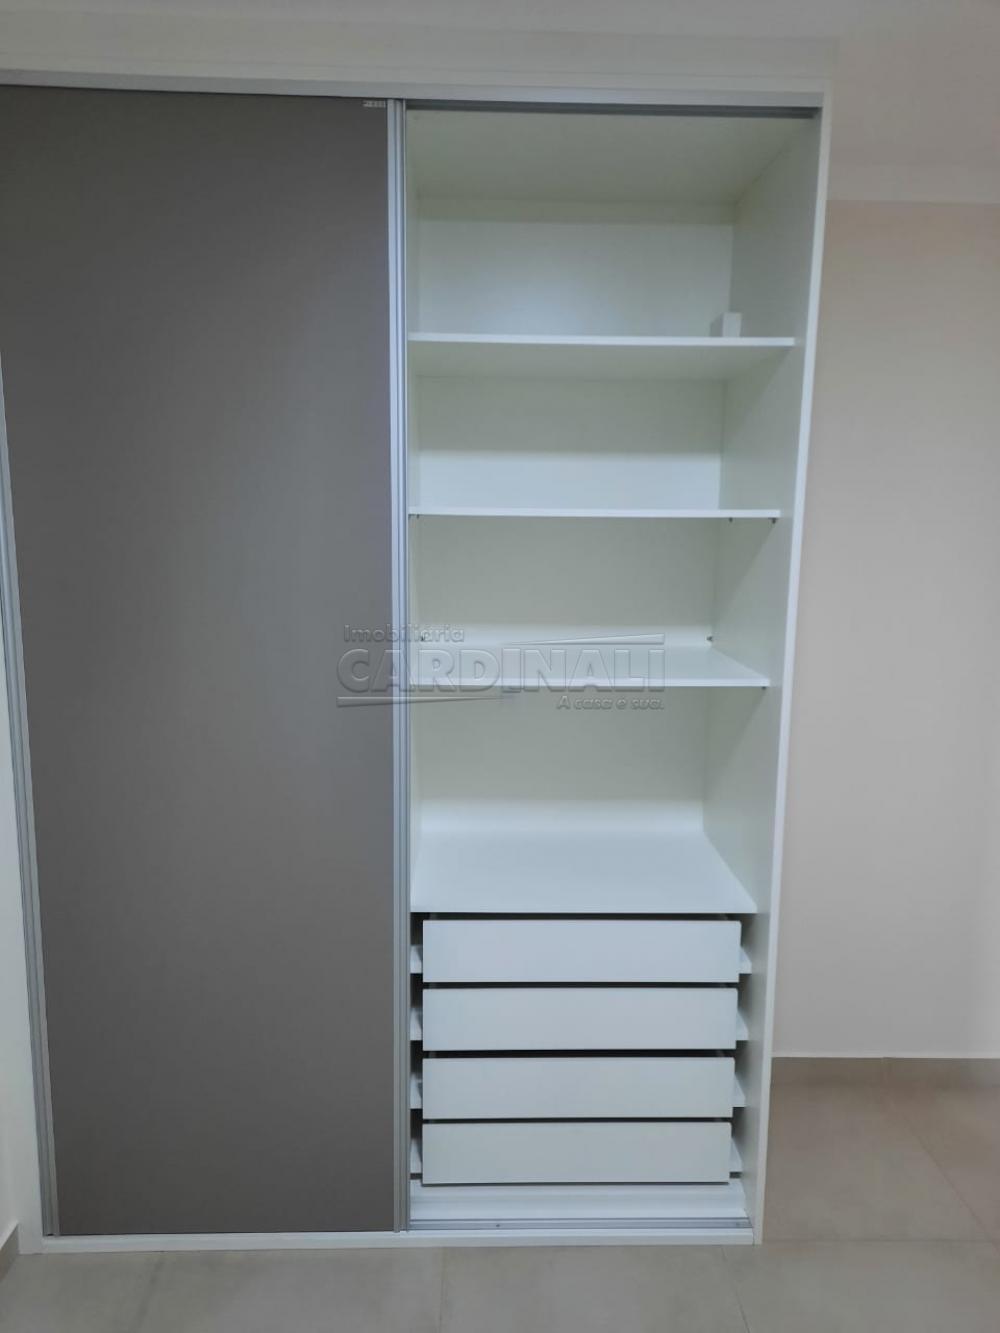 Alugar Apartamento / Padrão em São Carlos R$ 1.800,00 - Foto 30